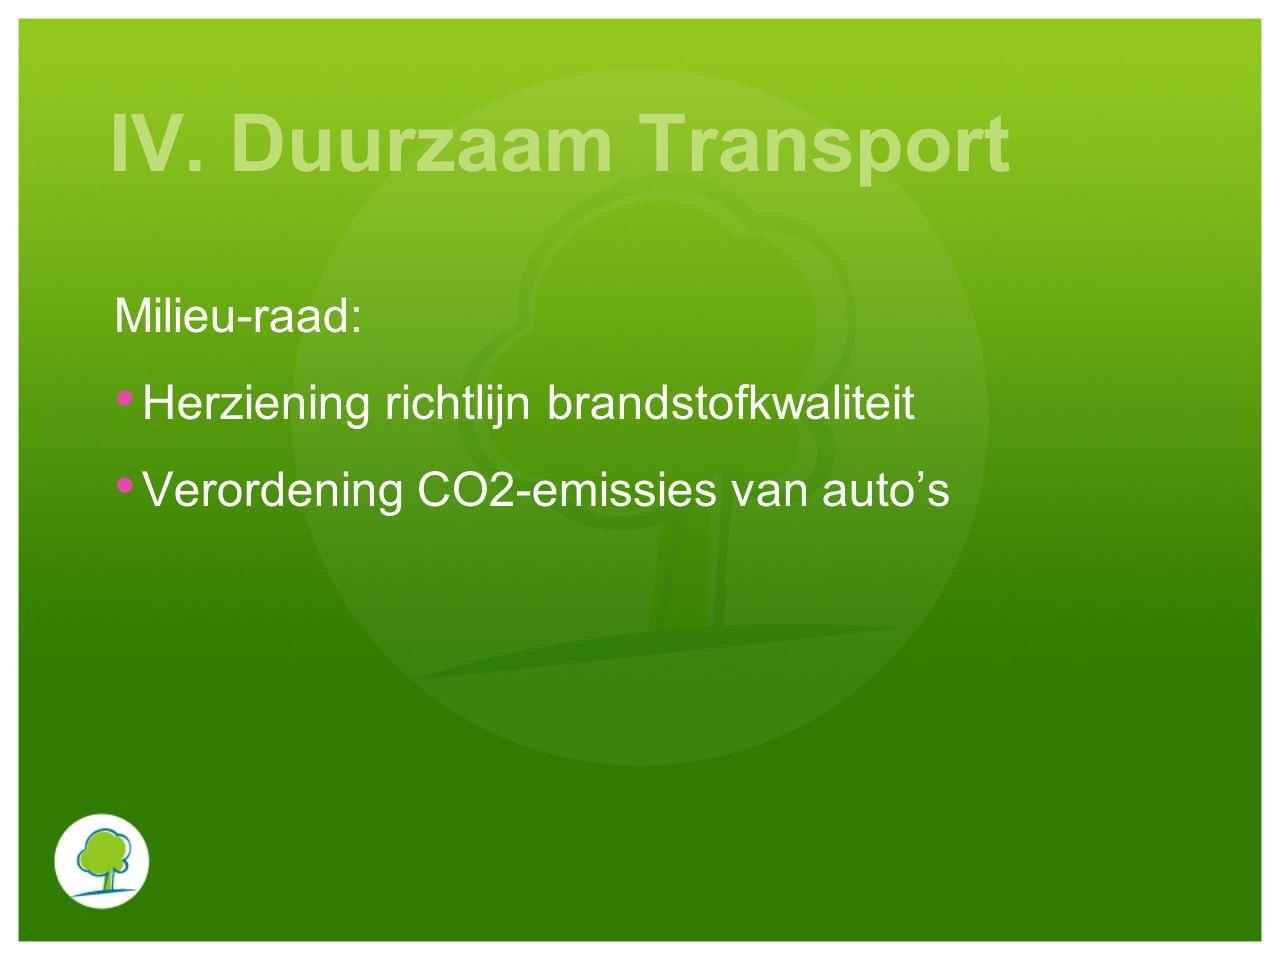 IV. Duurzaam Transport Milieu-raad: Herziening richtlijn brandstofkwaliteit Verordening CO2-emissies van auto's